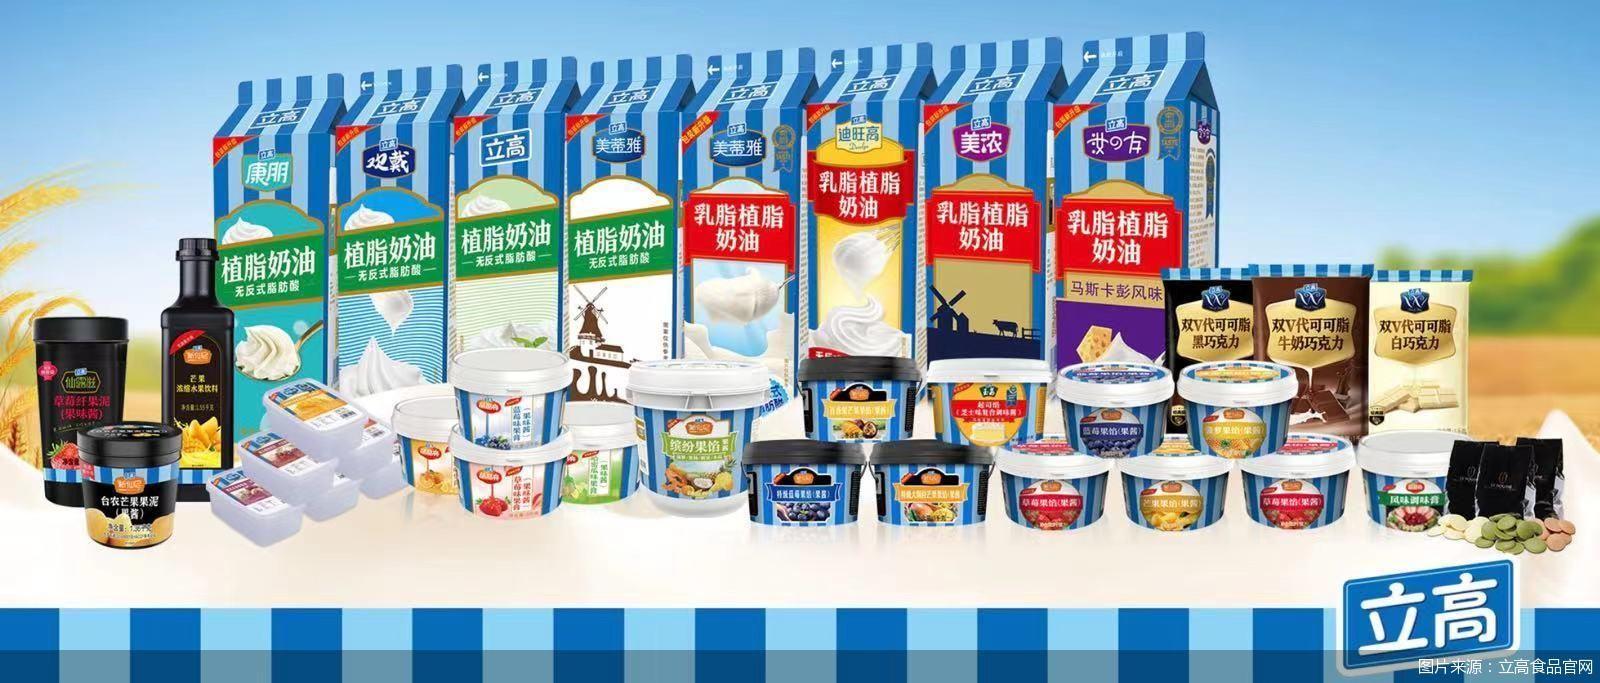 图片来源:立高食品官网